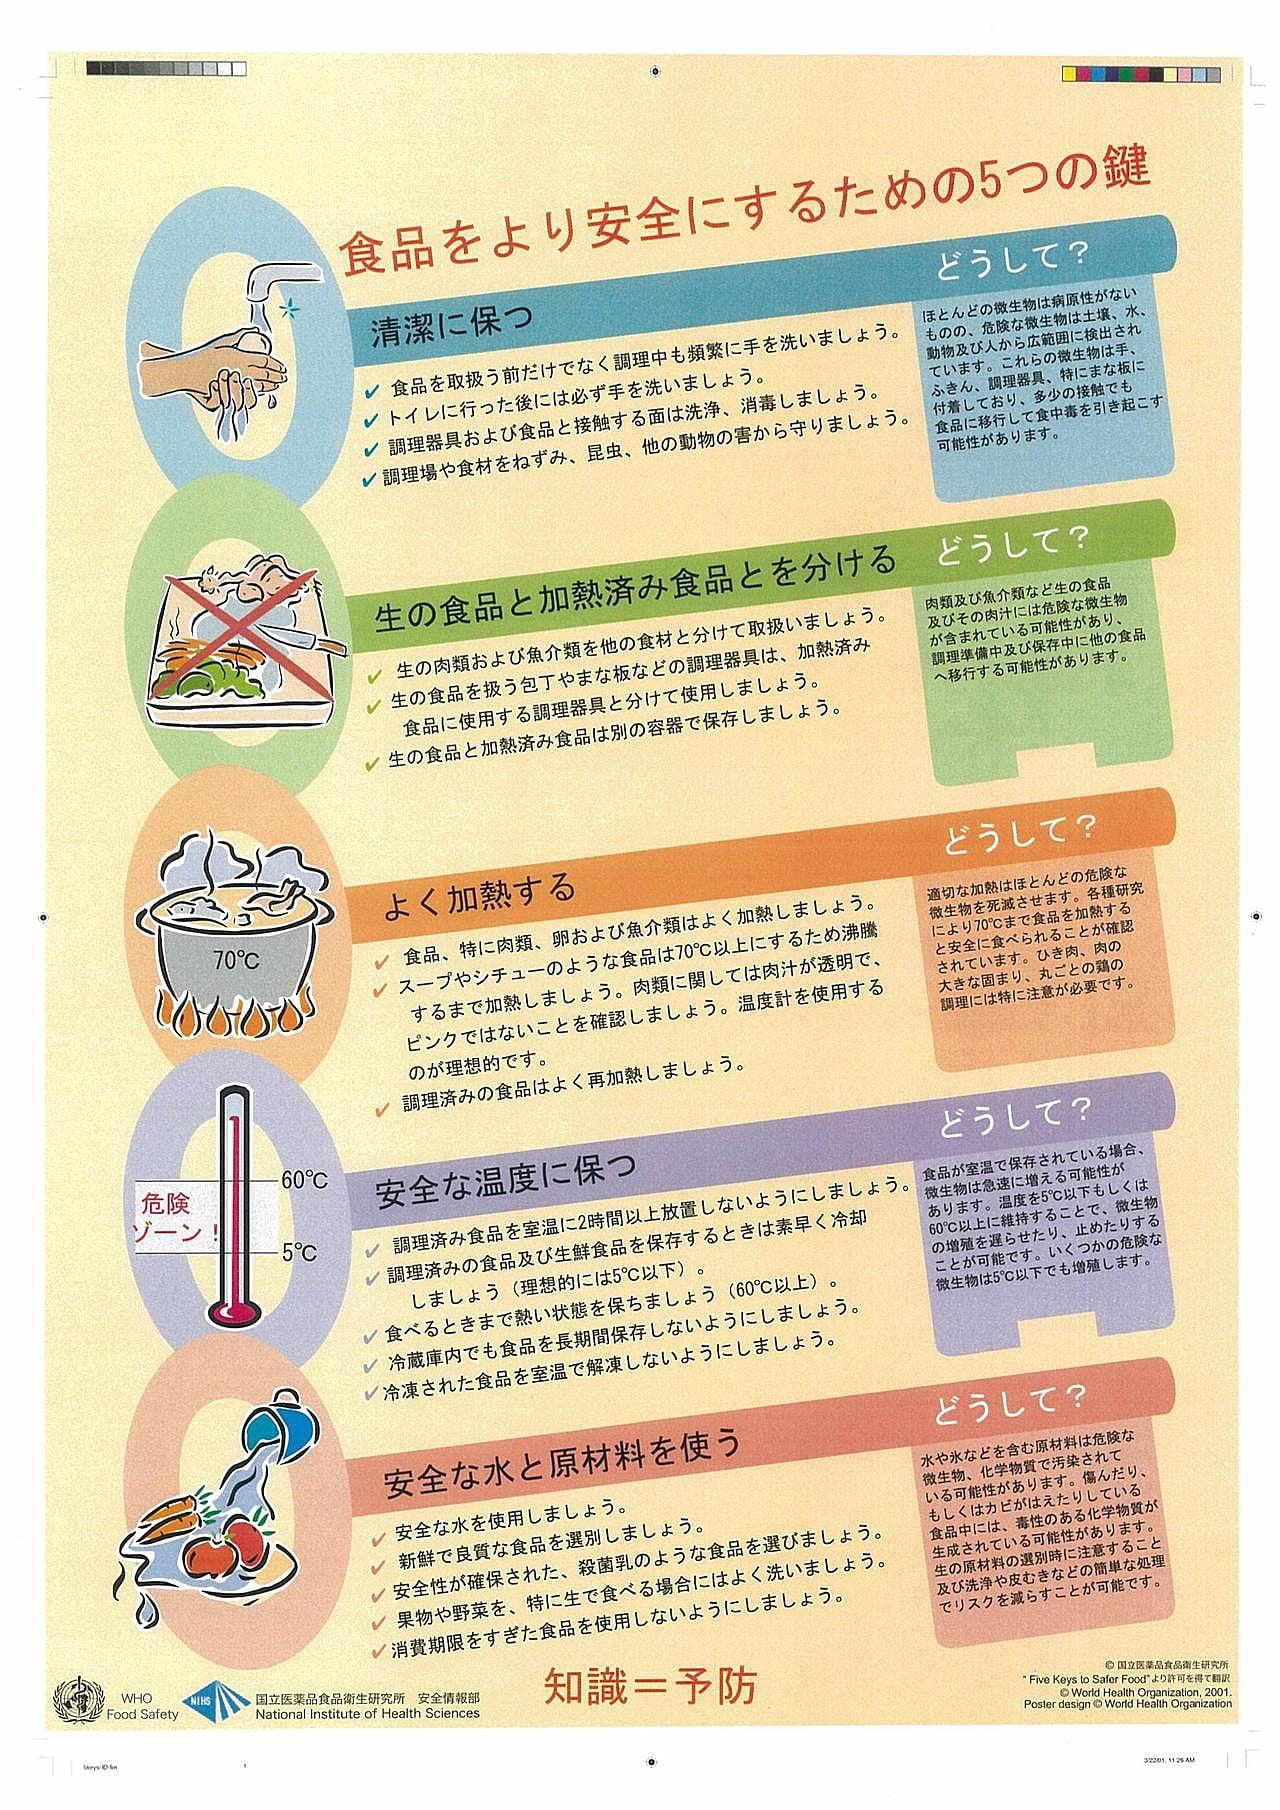 長崎市|茂里町|新里メディケアグループ|新里メディケアセンター|医療|介護|福祉|内科|慢性腎臓病|透析|特定健診|特定保健指導|有料老人ホーム|ケアハウス|